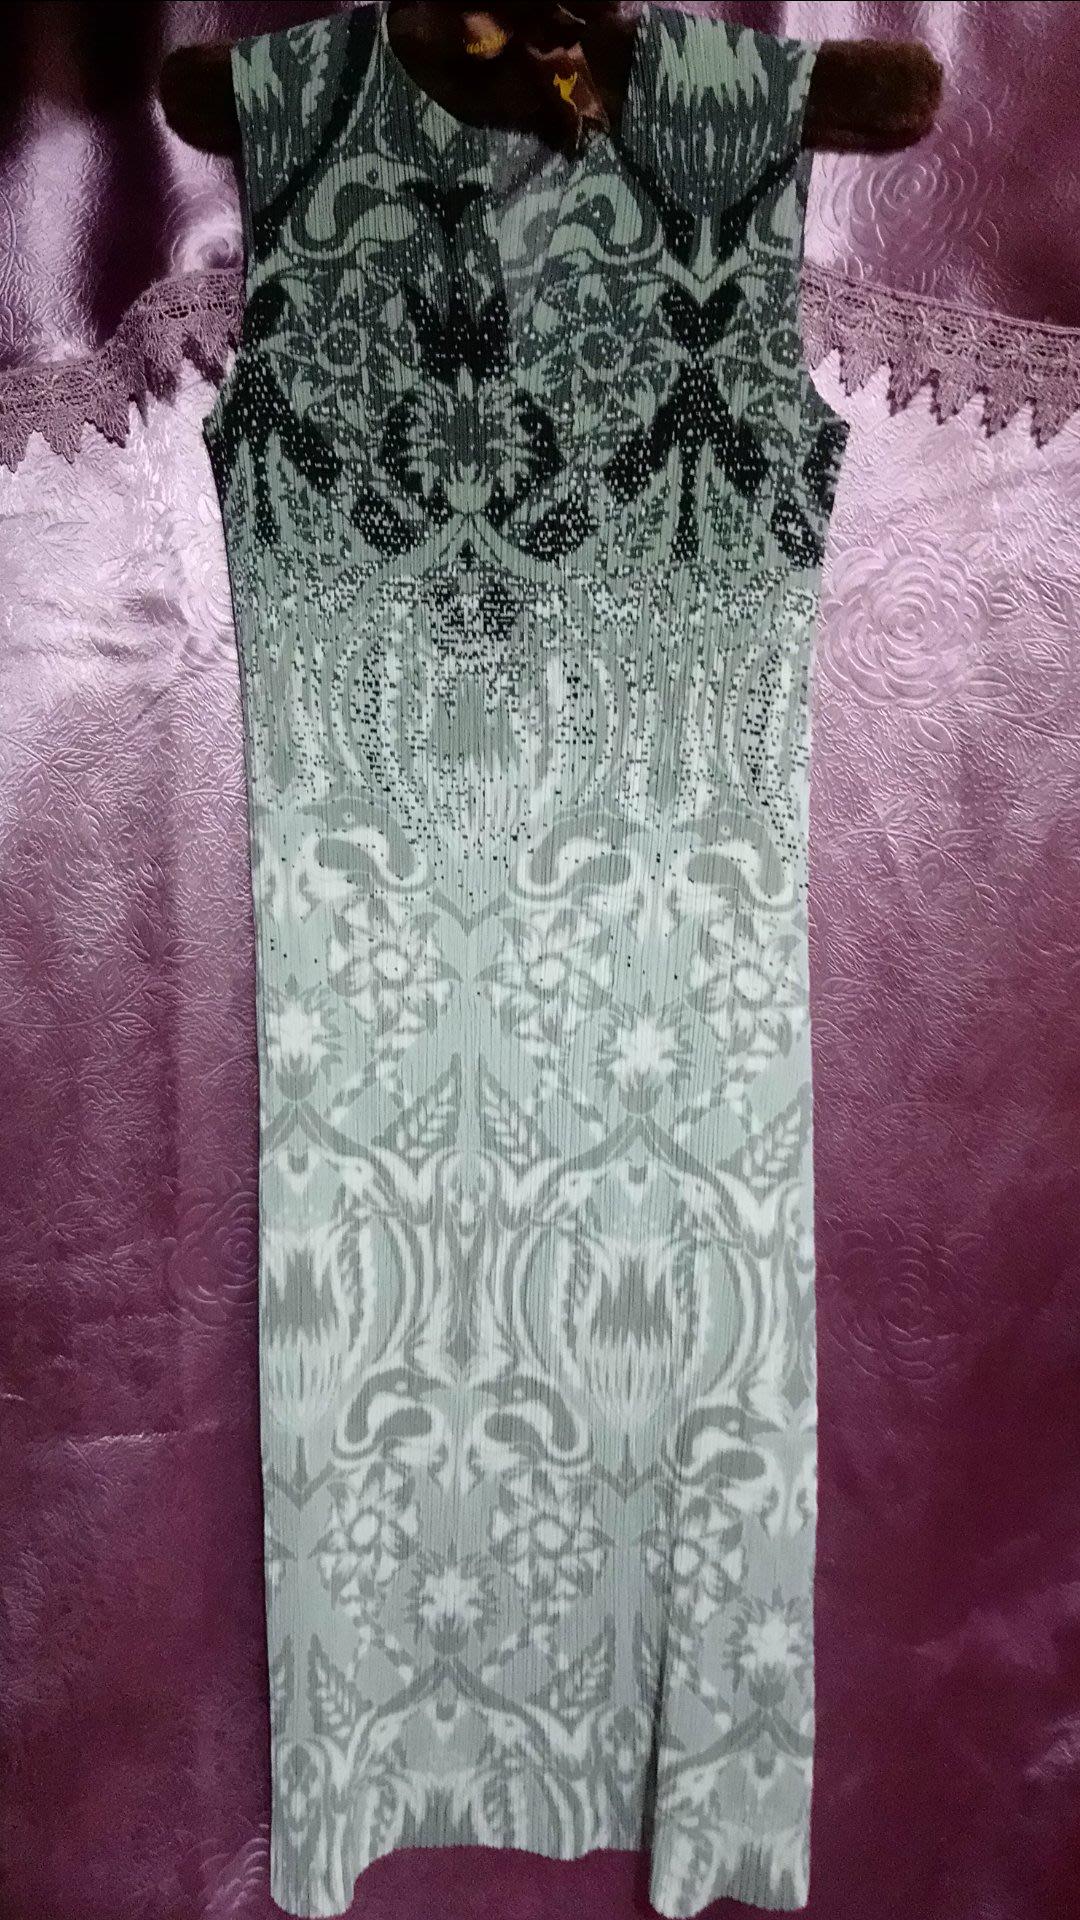 全新日本 ISSEY MIYAKE 三宅一生 限量款洋裝,全新珍藏釋出,絕不撞衫